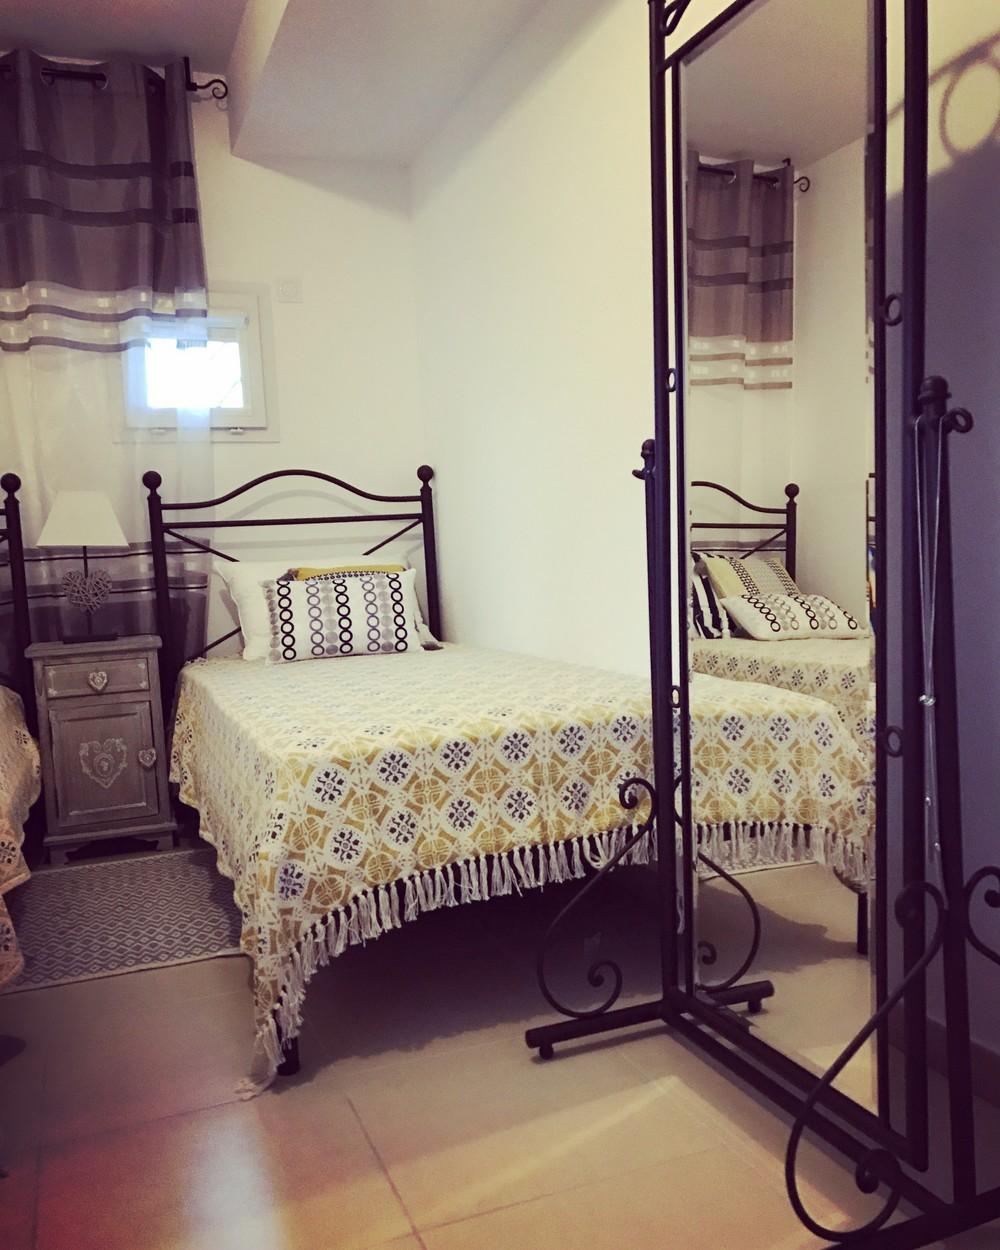 Загородный дом «Таунхаус у моря», спальня, фото из проекта